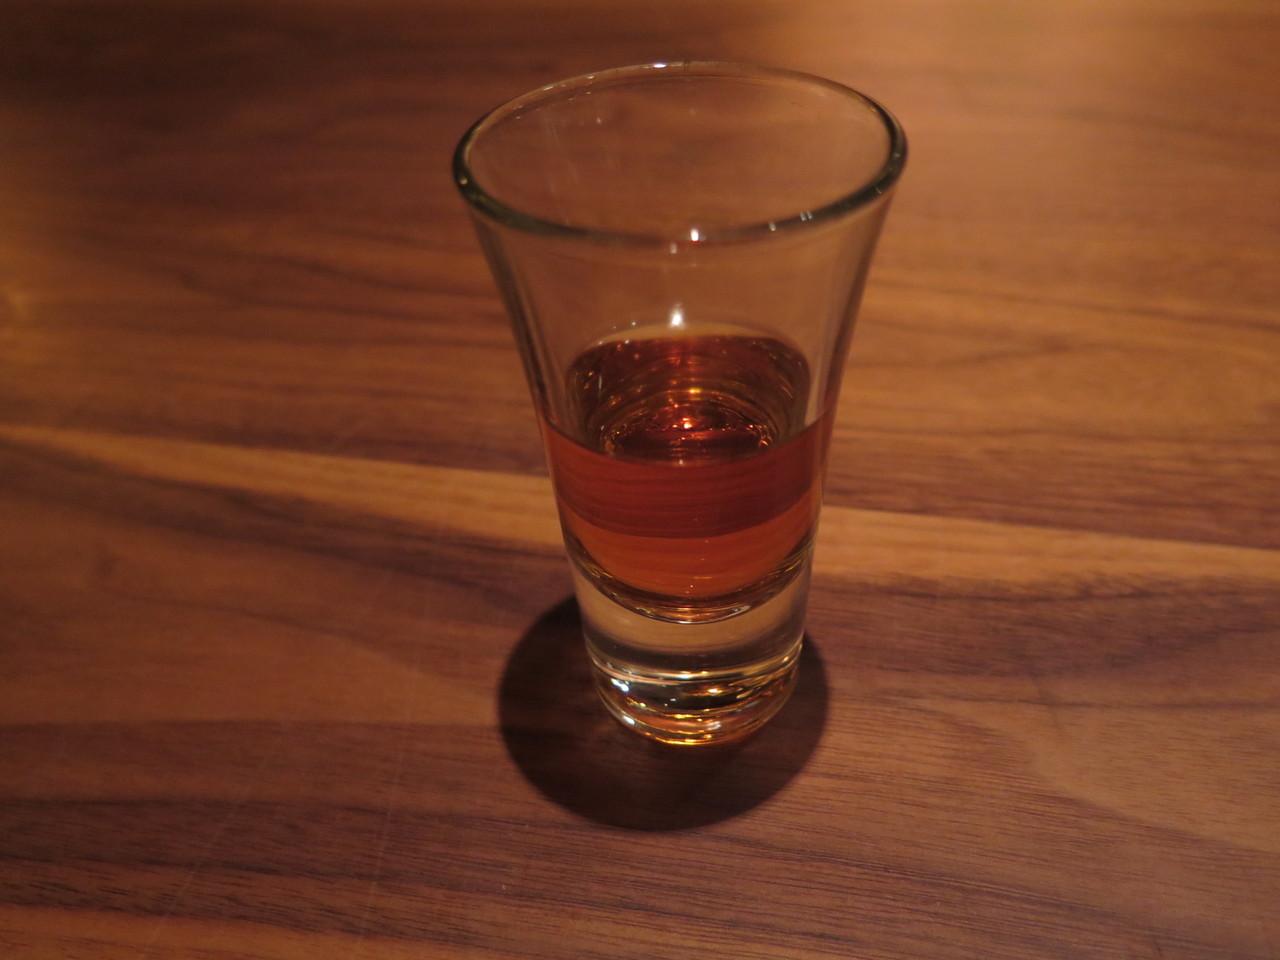 Aged sake